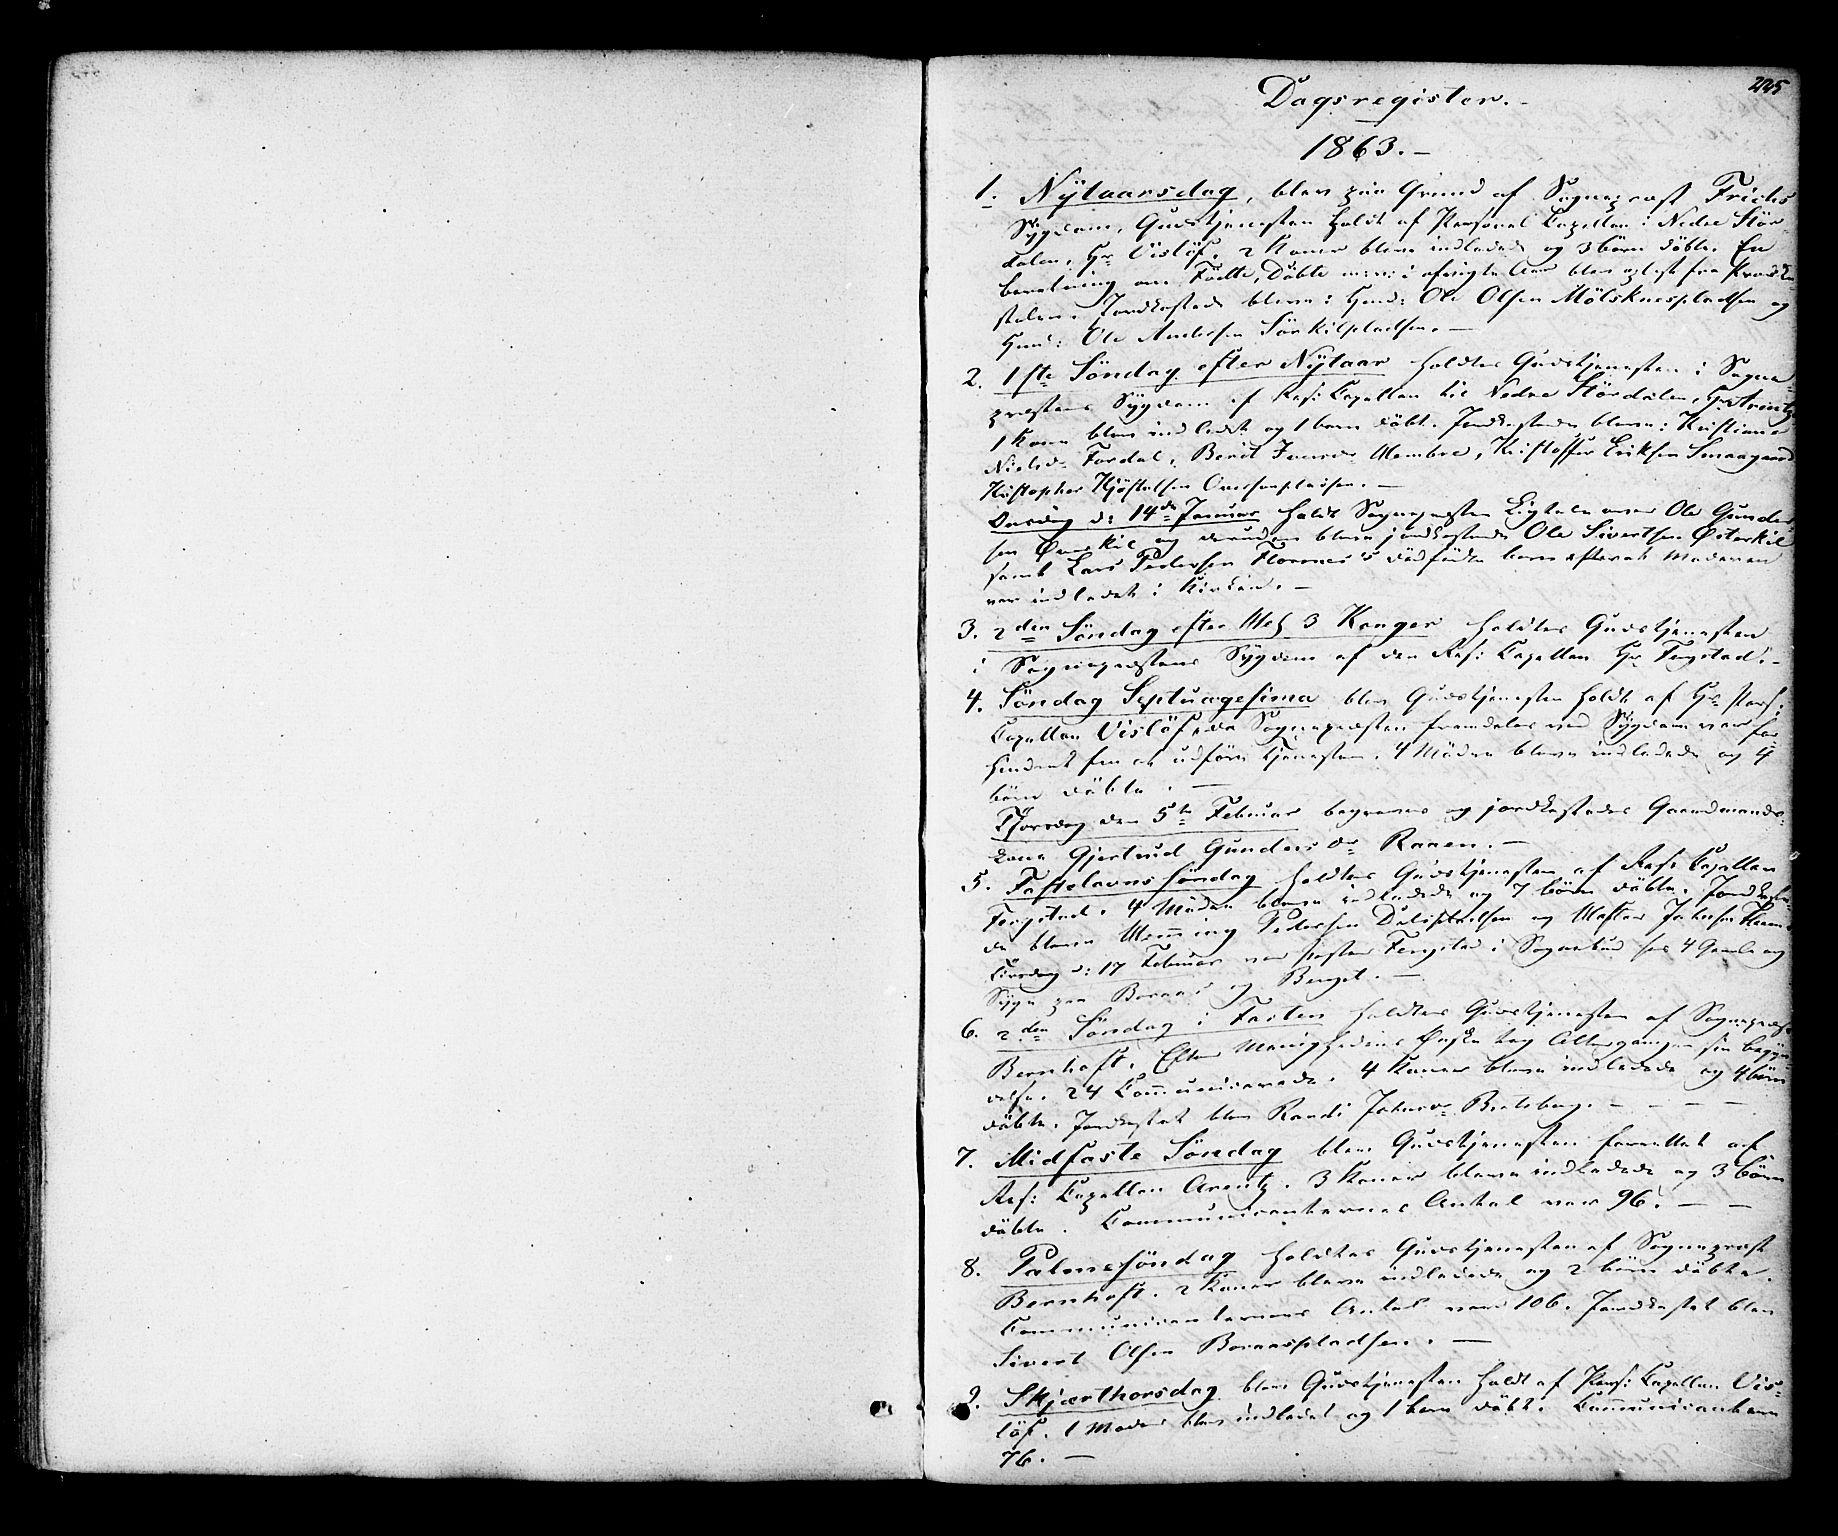 SAT, Ministerialprotokoller, klokkerbøker og fødselsregistre - Nord-Trøndelag, 703/L0029: Parish register (official) no. 703A02, 1863-1879, p. 225